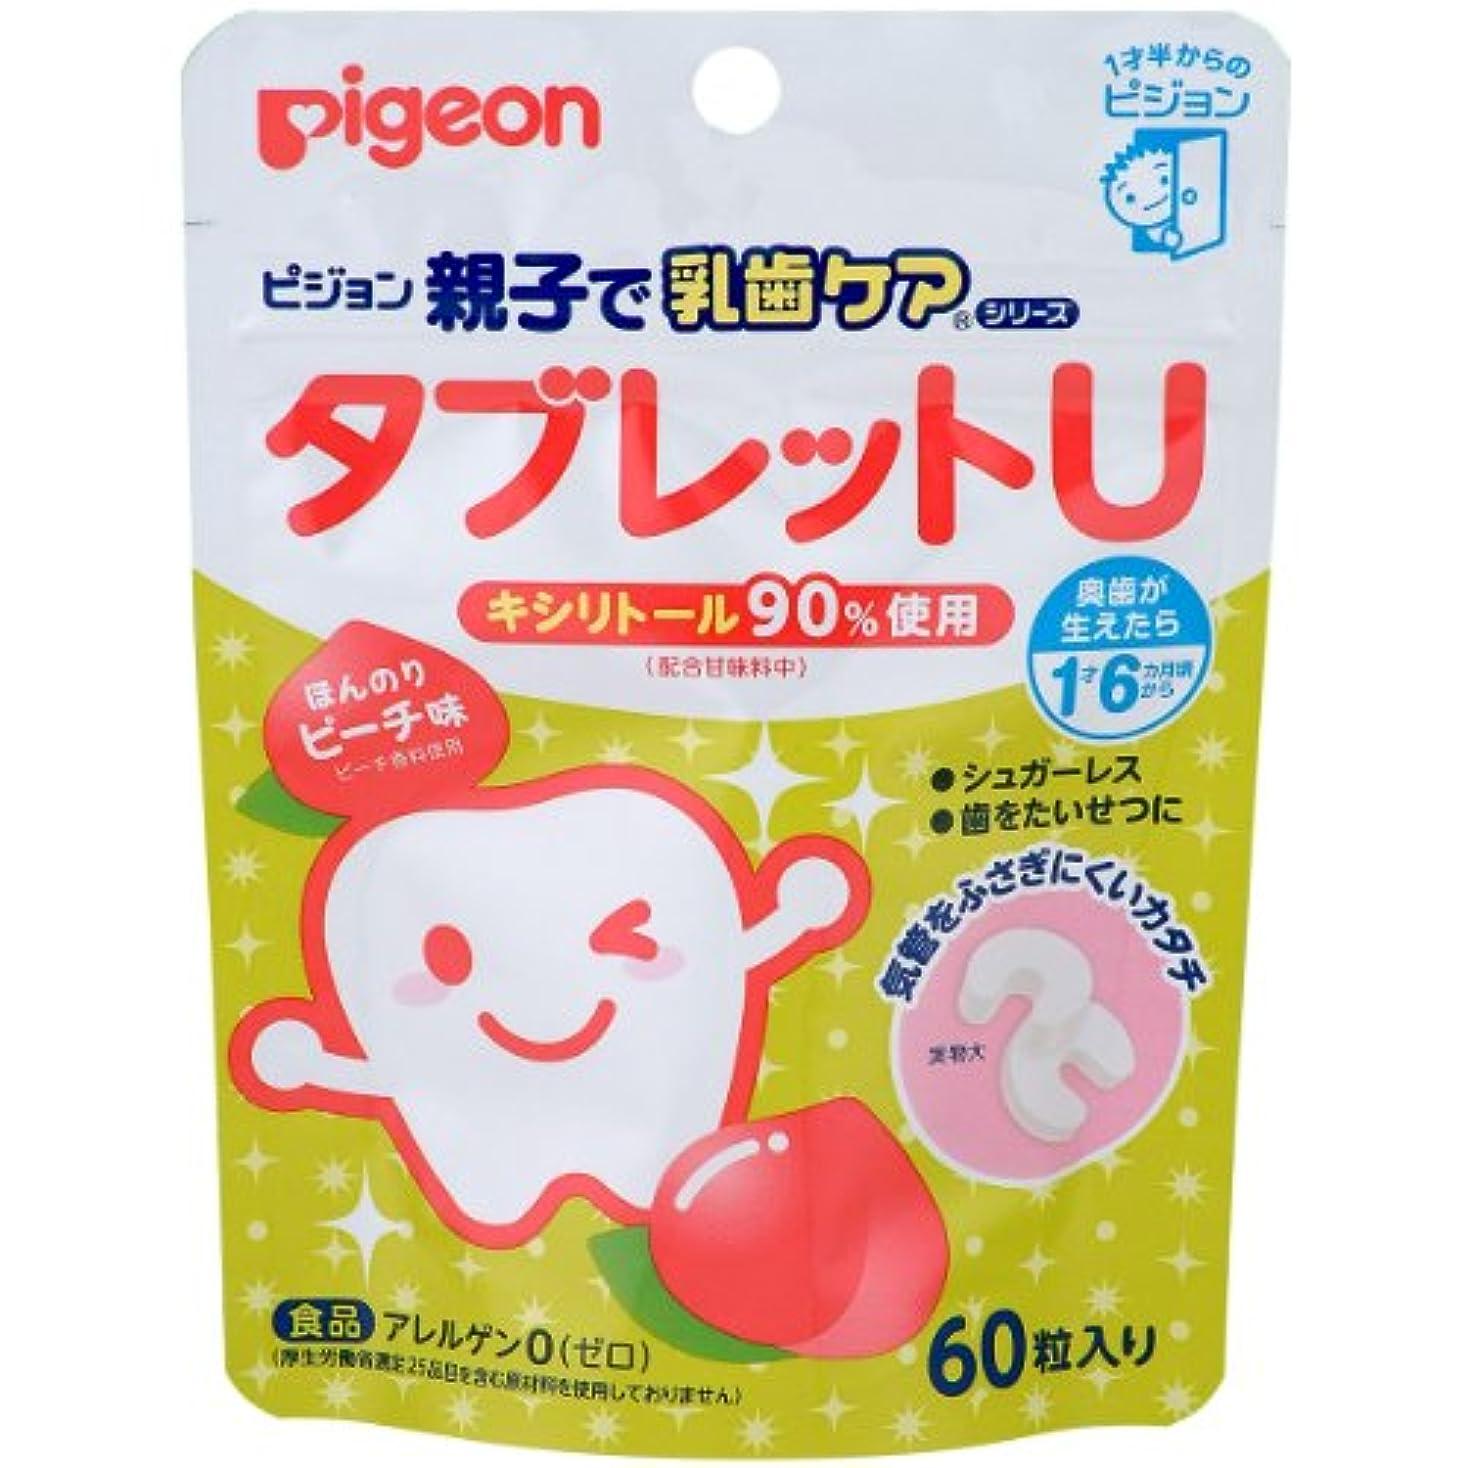 衰える呪われた気がついてピジョン 親子で乳歯ケア タブレットU ピーチ味 60粒